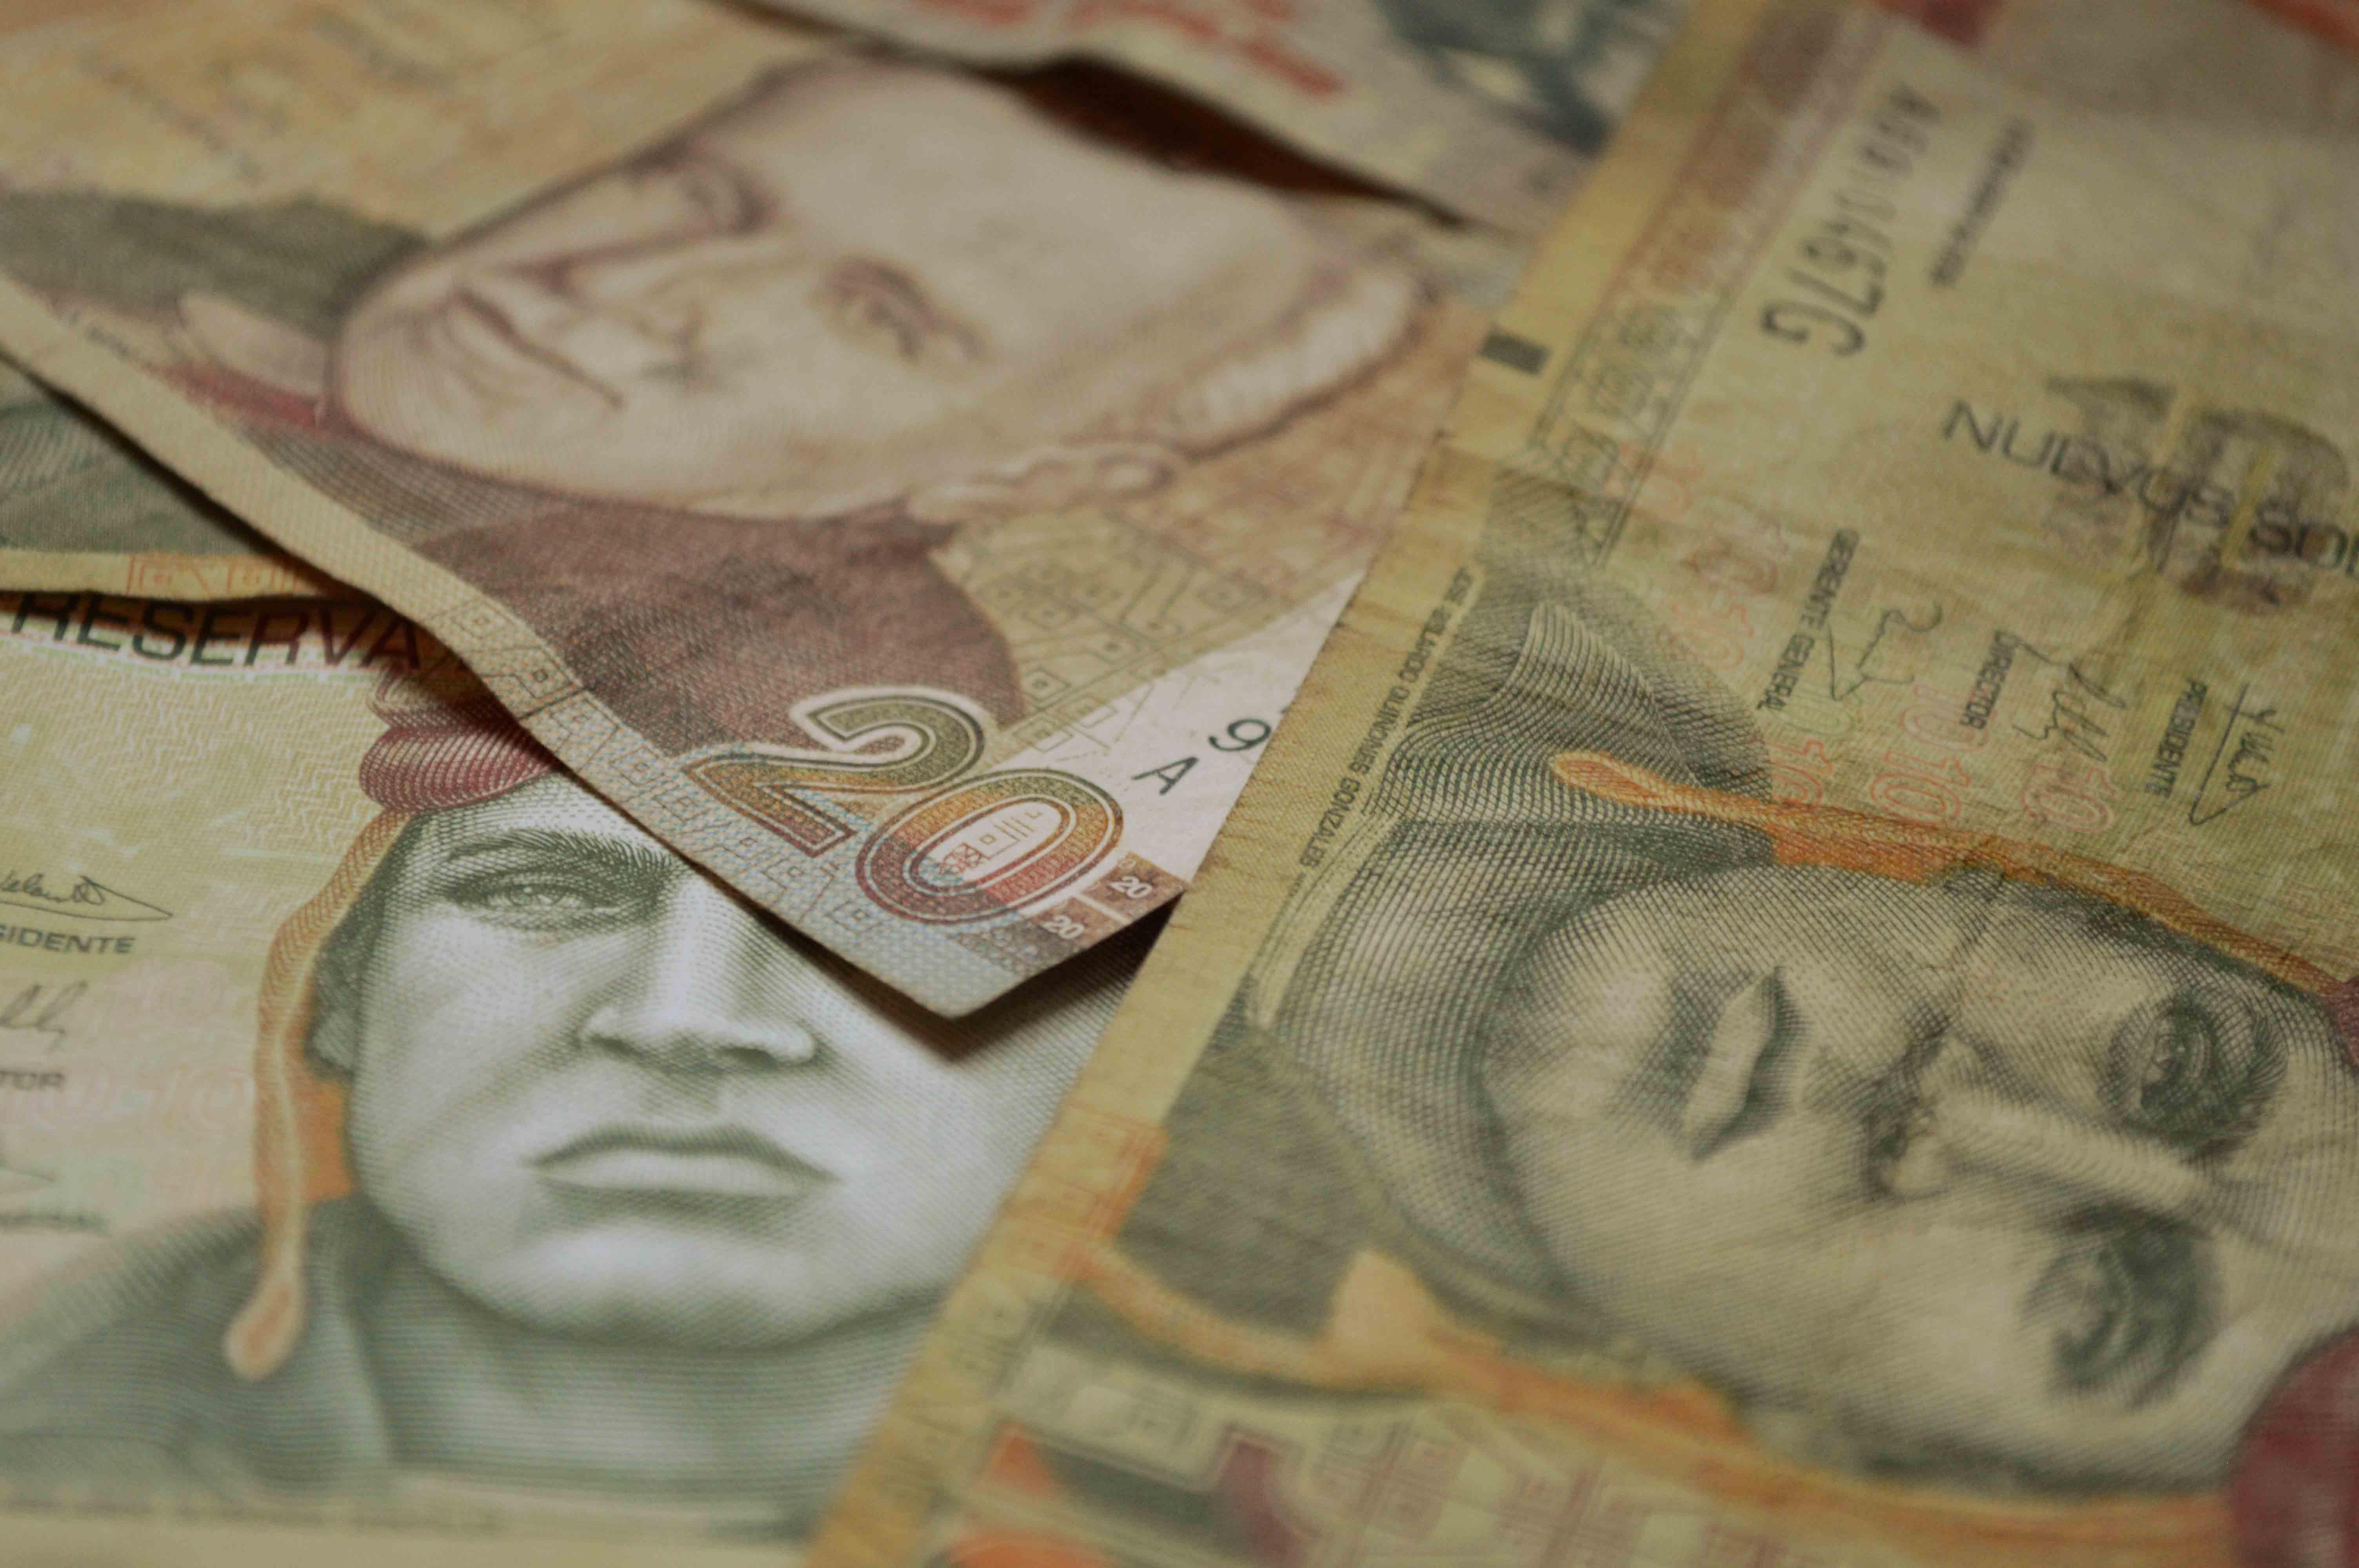 Hintergrundbilder geld peru dollar 6016x4000 t4l1m 1203101 geld peru dollar thecheapjerseys Images